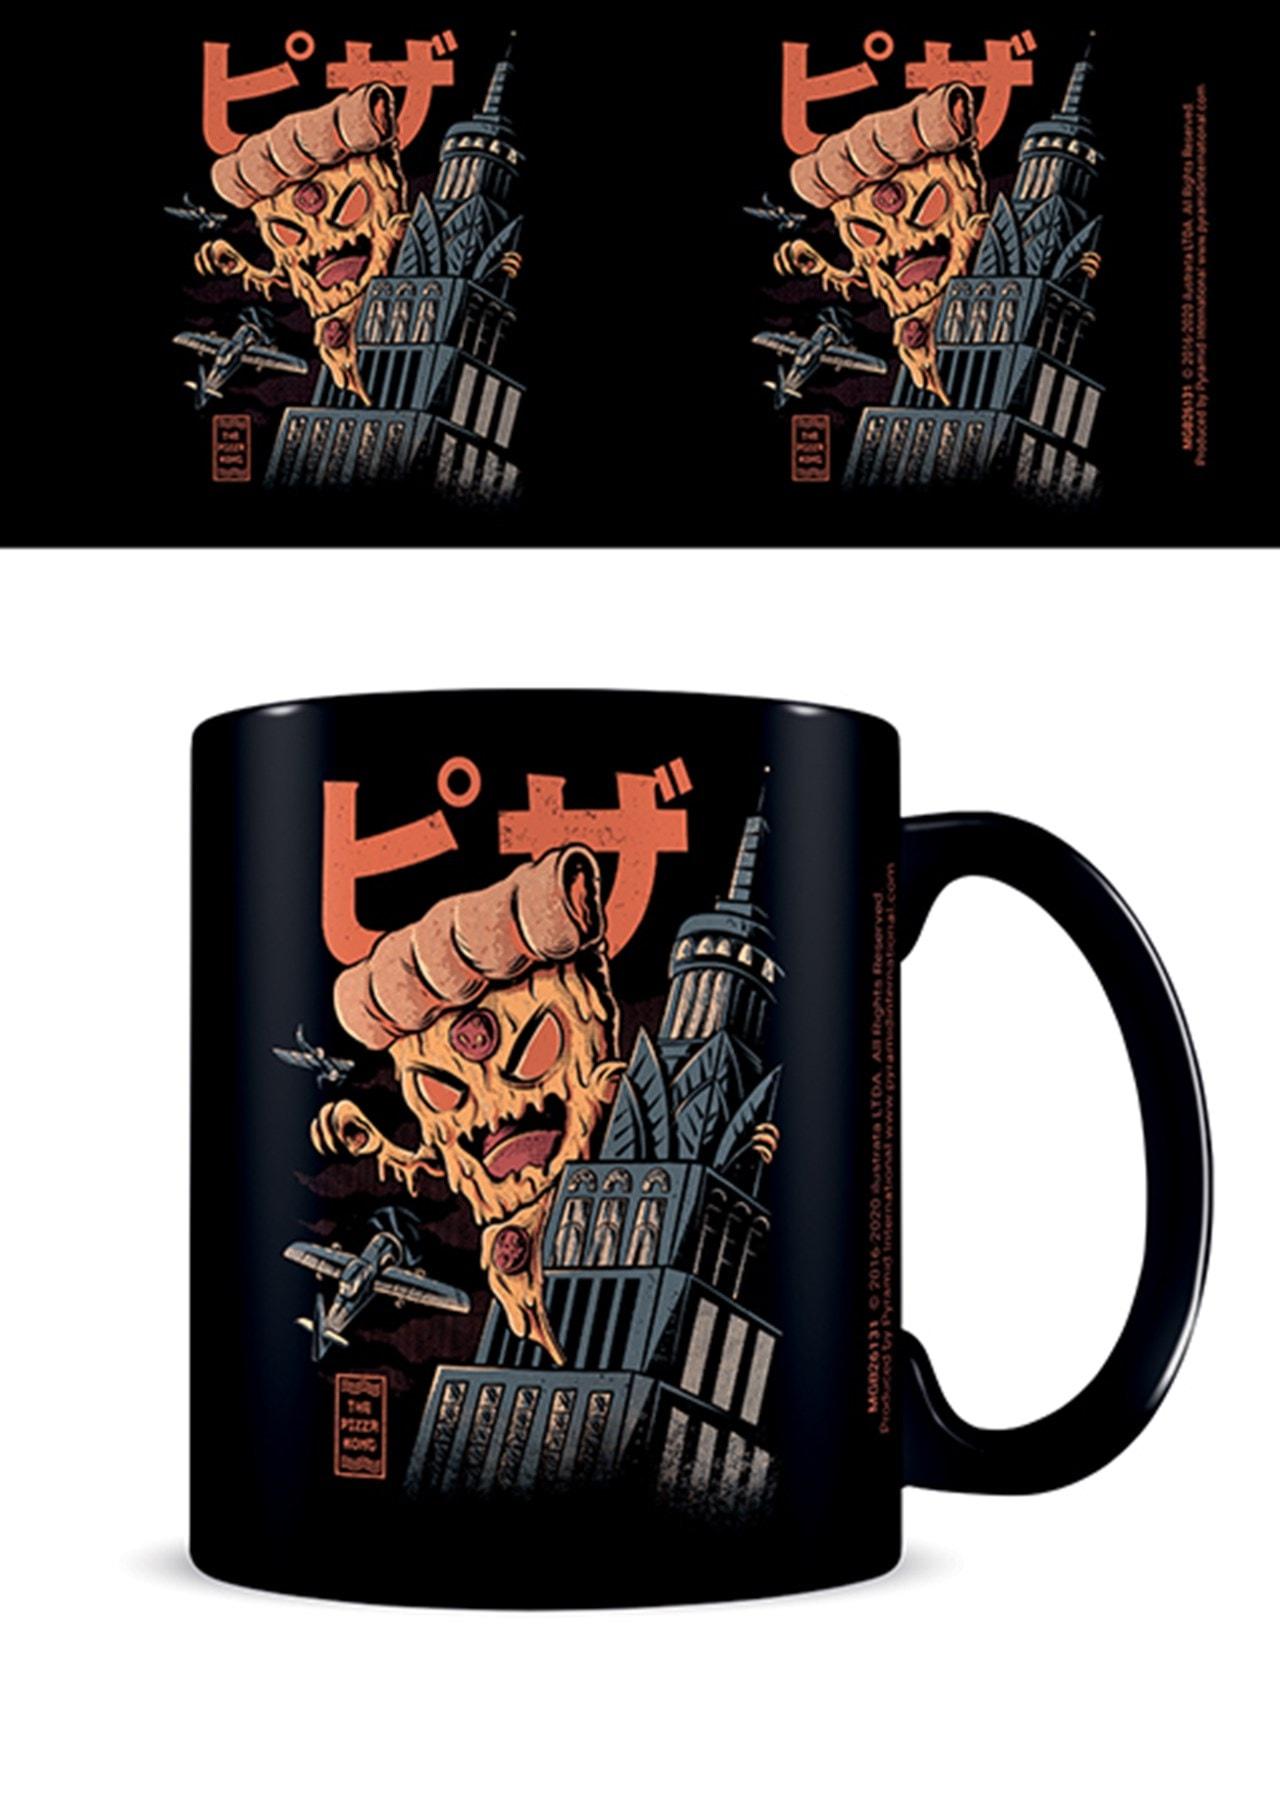 Pizza Kong: Ilustrata Coffee Mug - 1